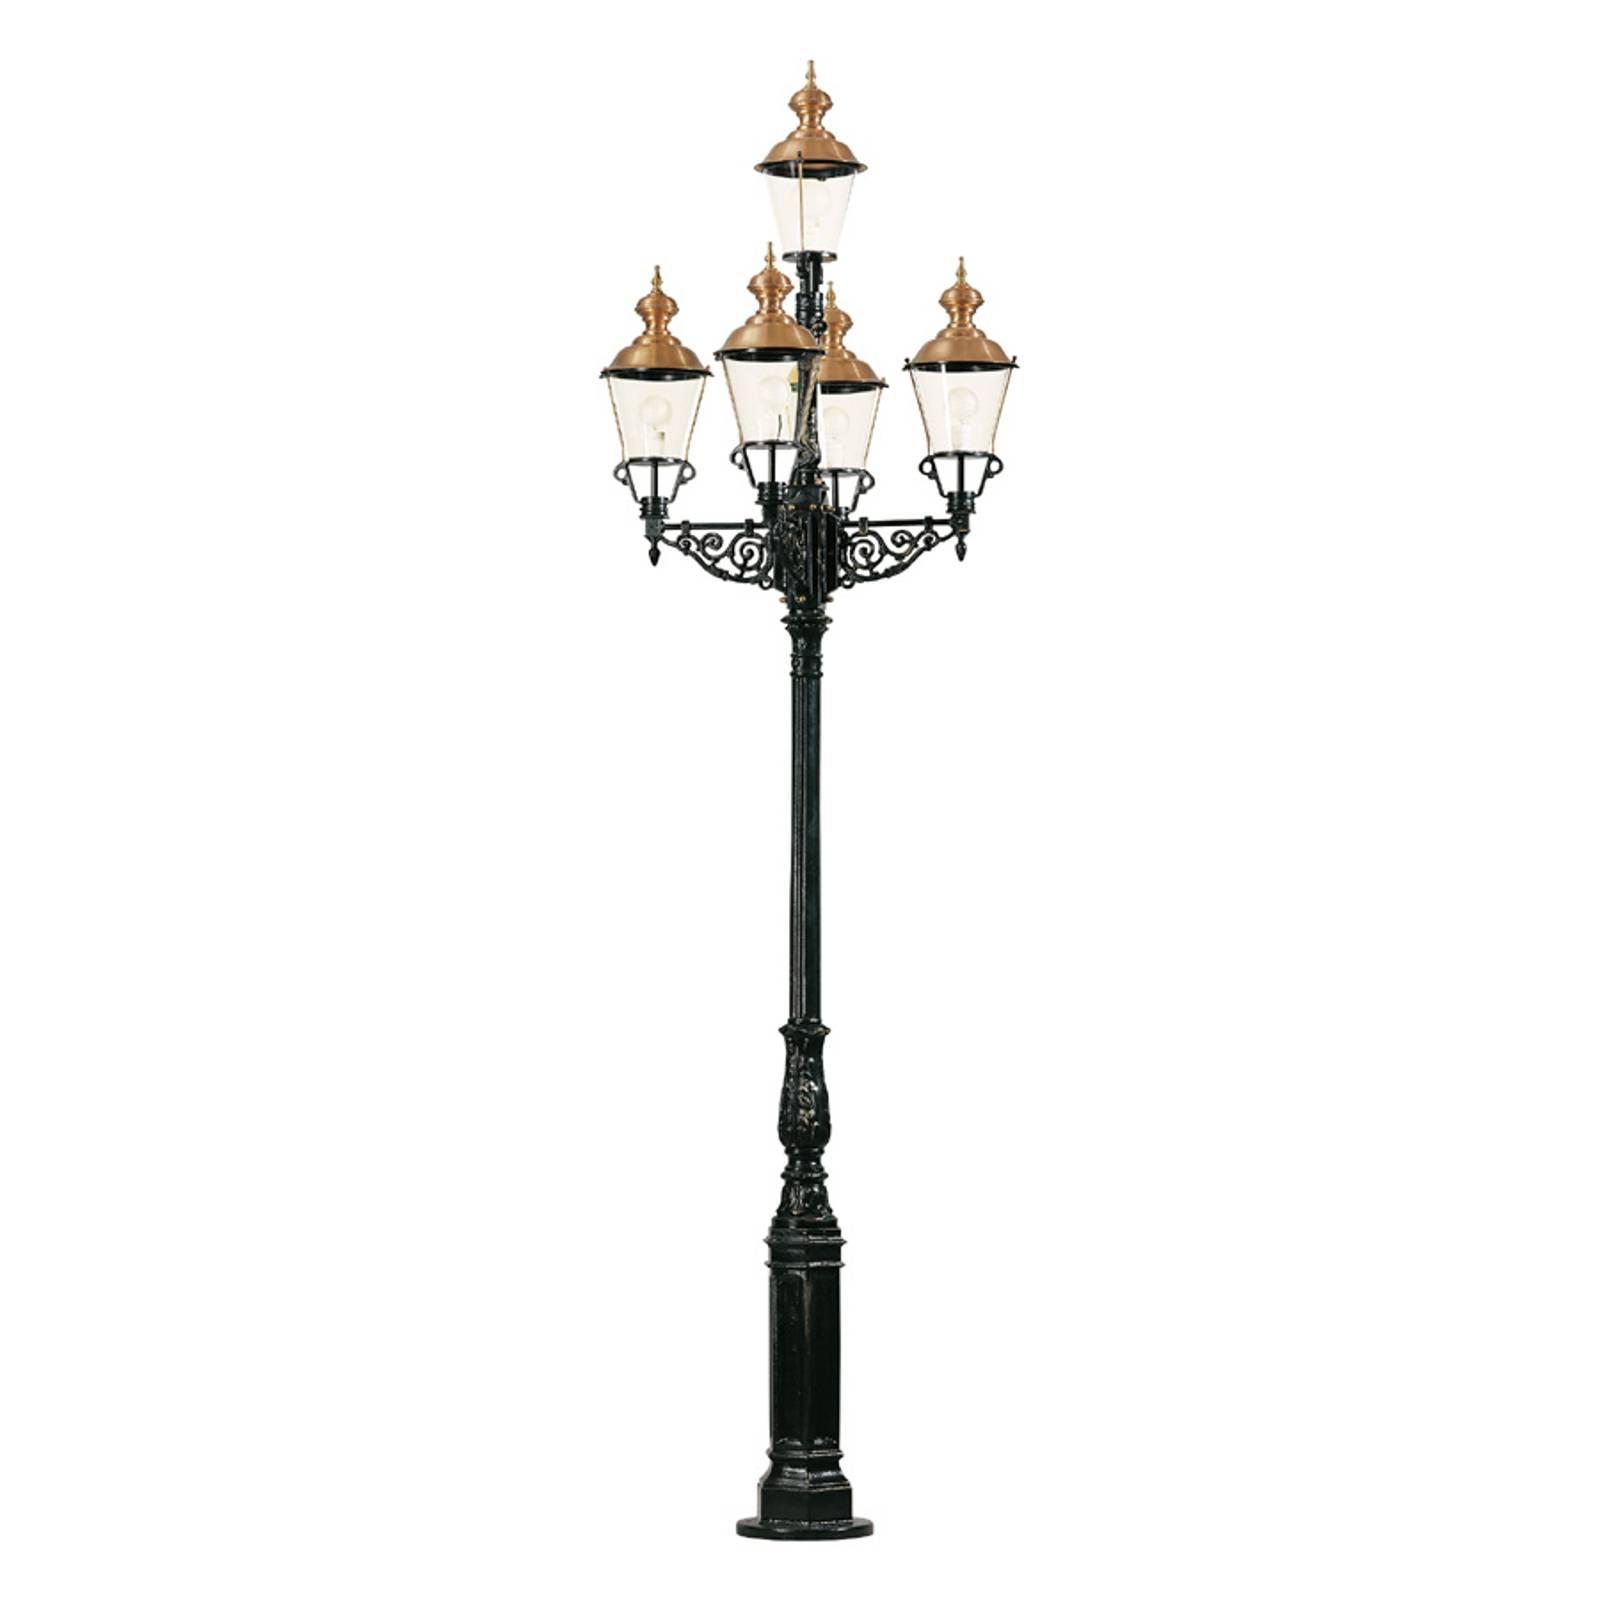 Representatieve lantaarnpaal Monaco 5-lamps